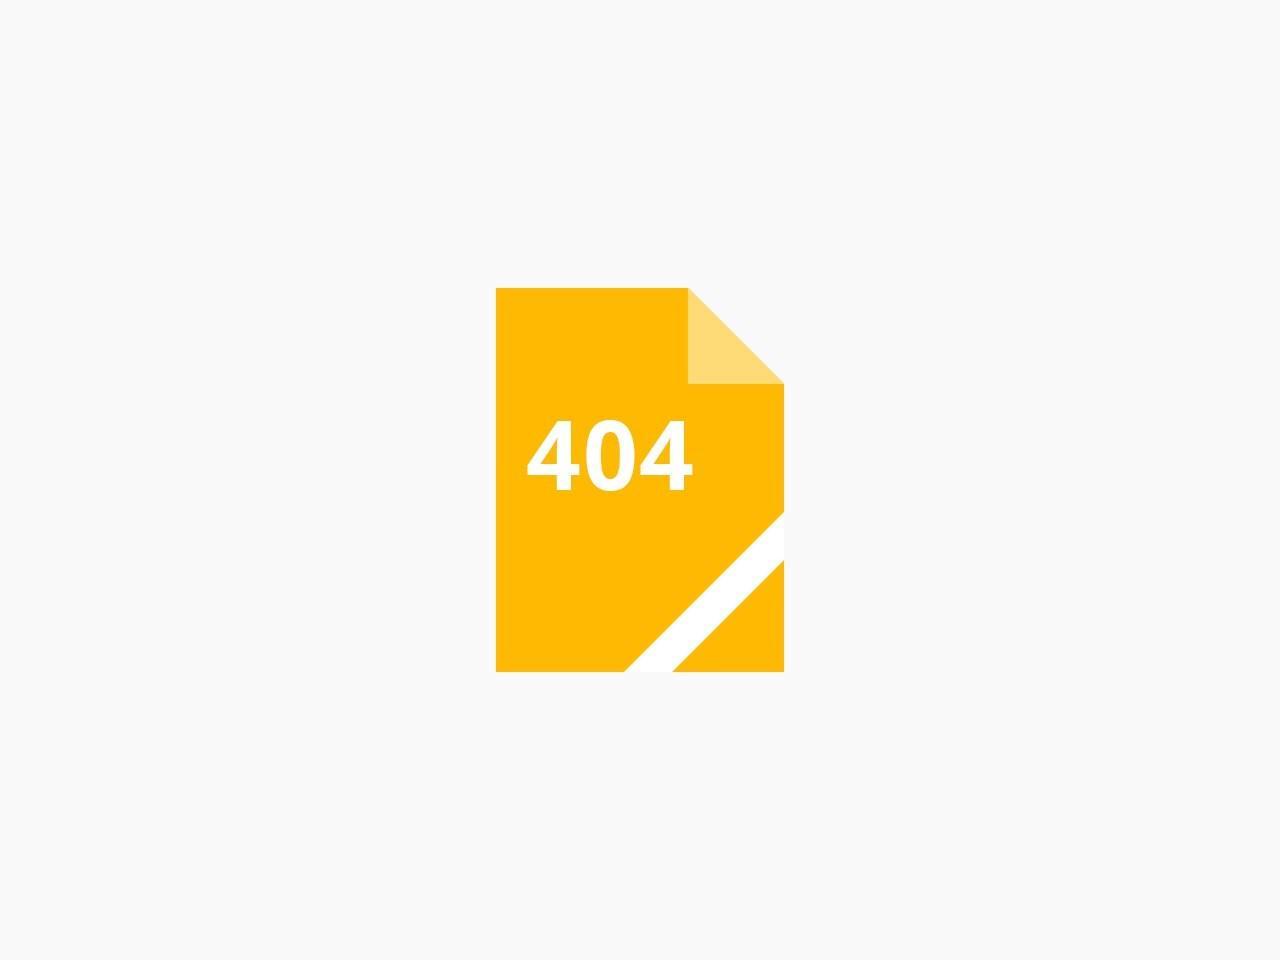 16素材网-www.16sucai.com-103分类目录